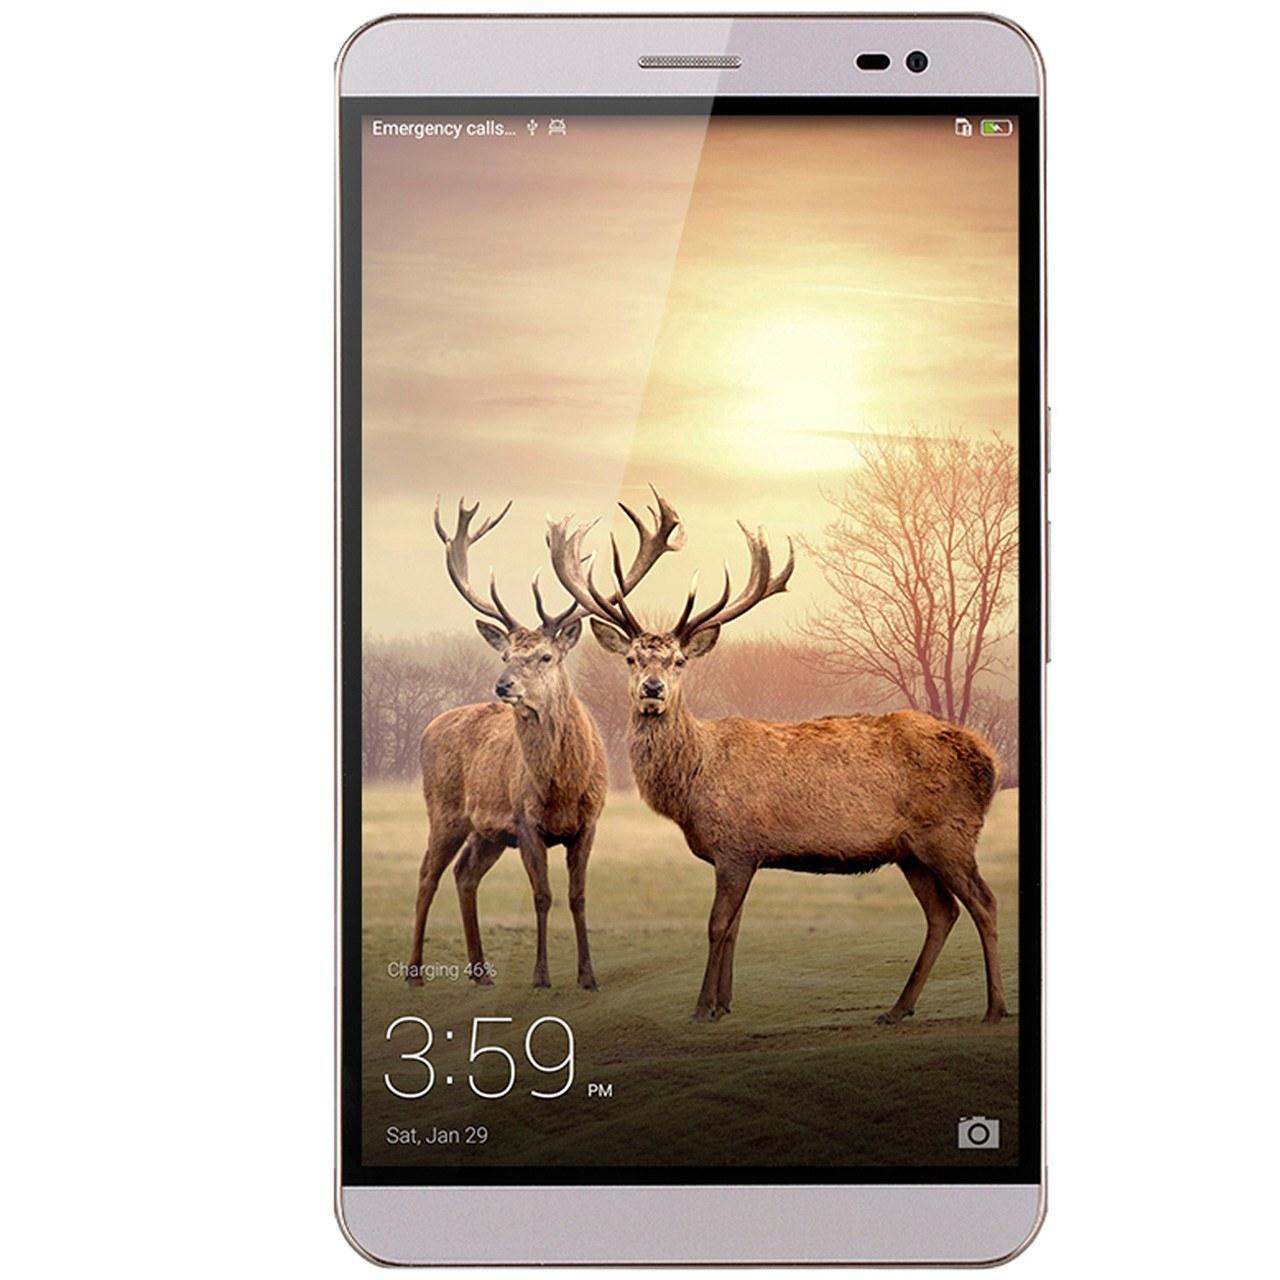 تبلت هوآوي مدل MediaPad X2 GEM-701L دو سيم کارت ظرفيت 32 گيگابايت | Huawei MediaPad X2 GEM-701L Dual SIM 32GB Tablet